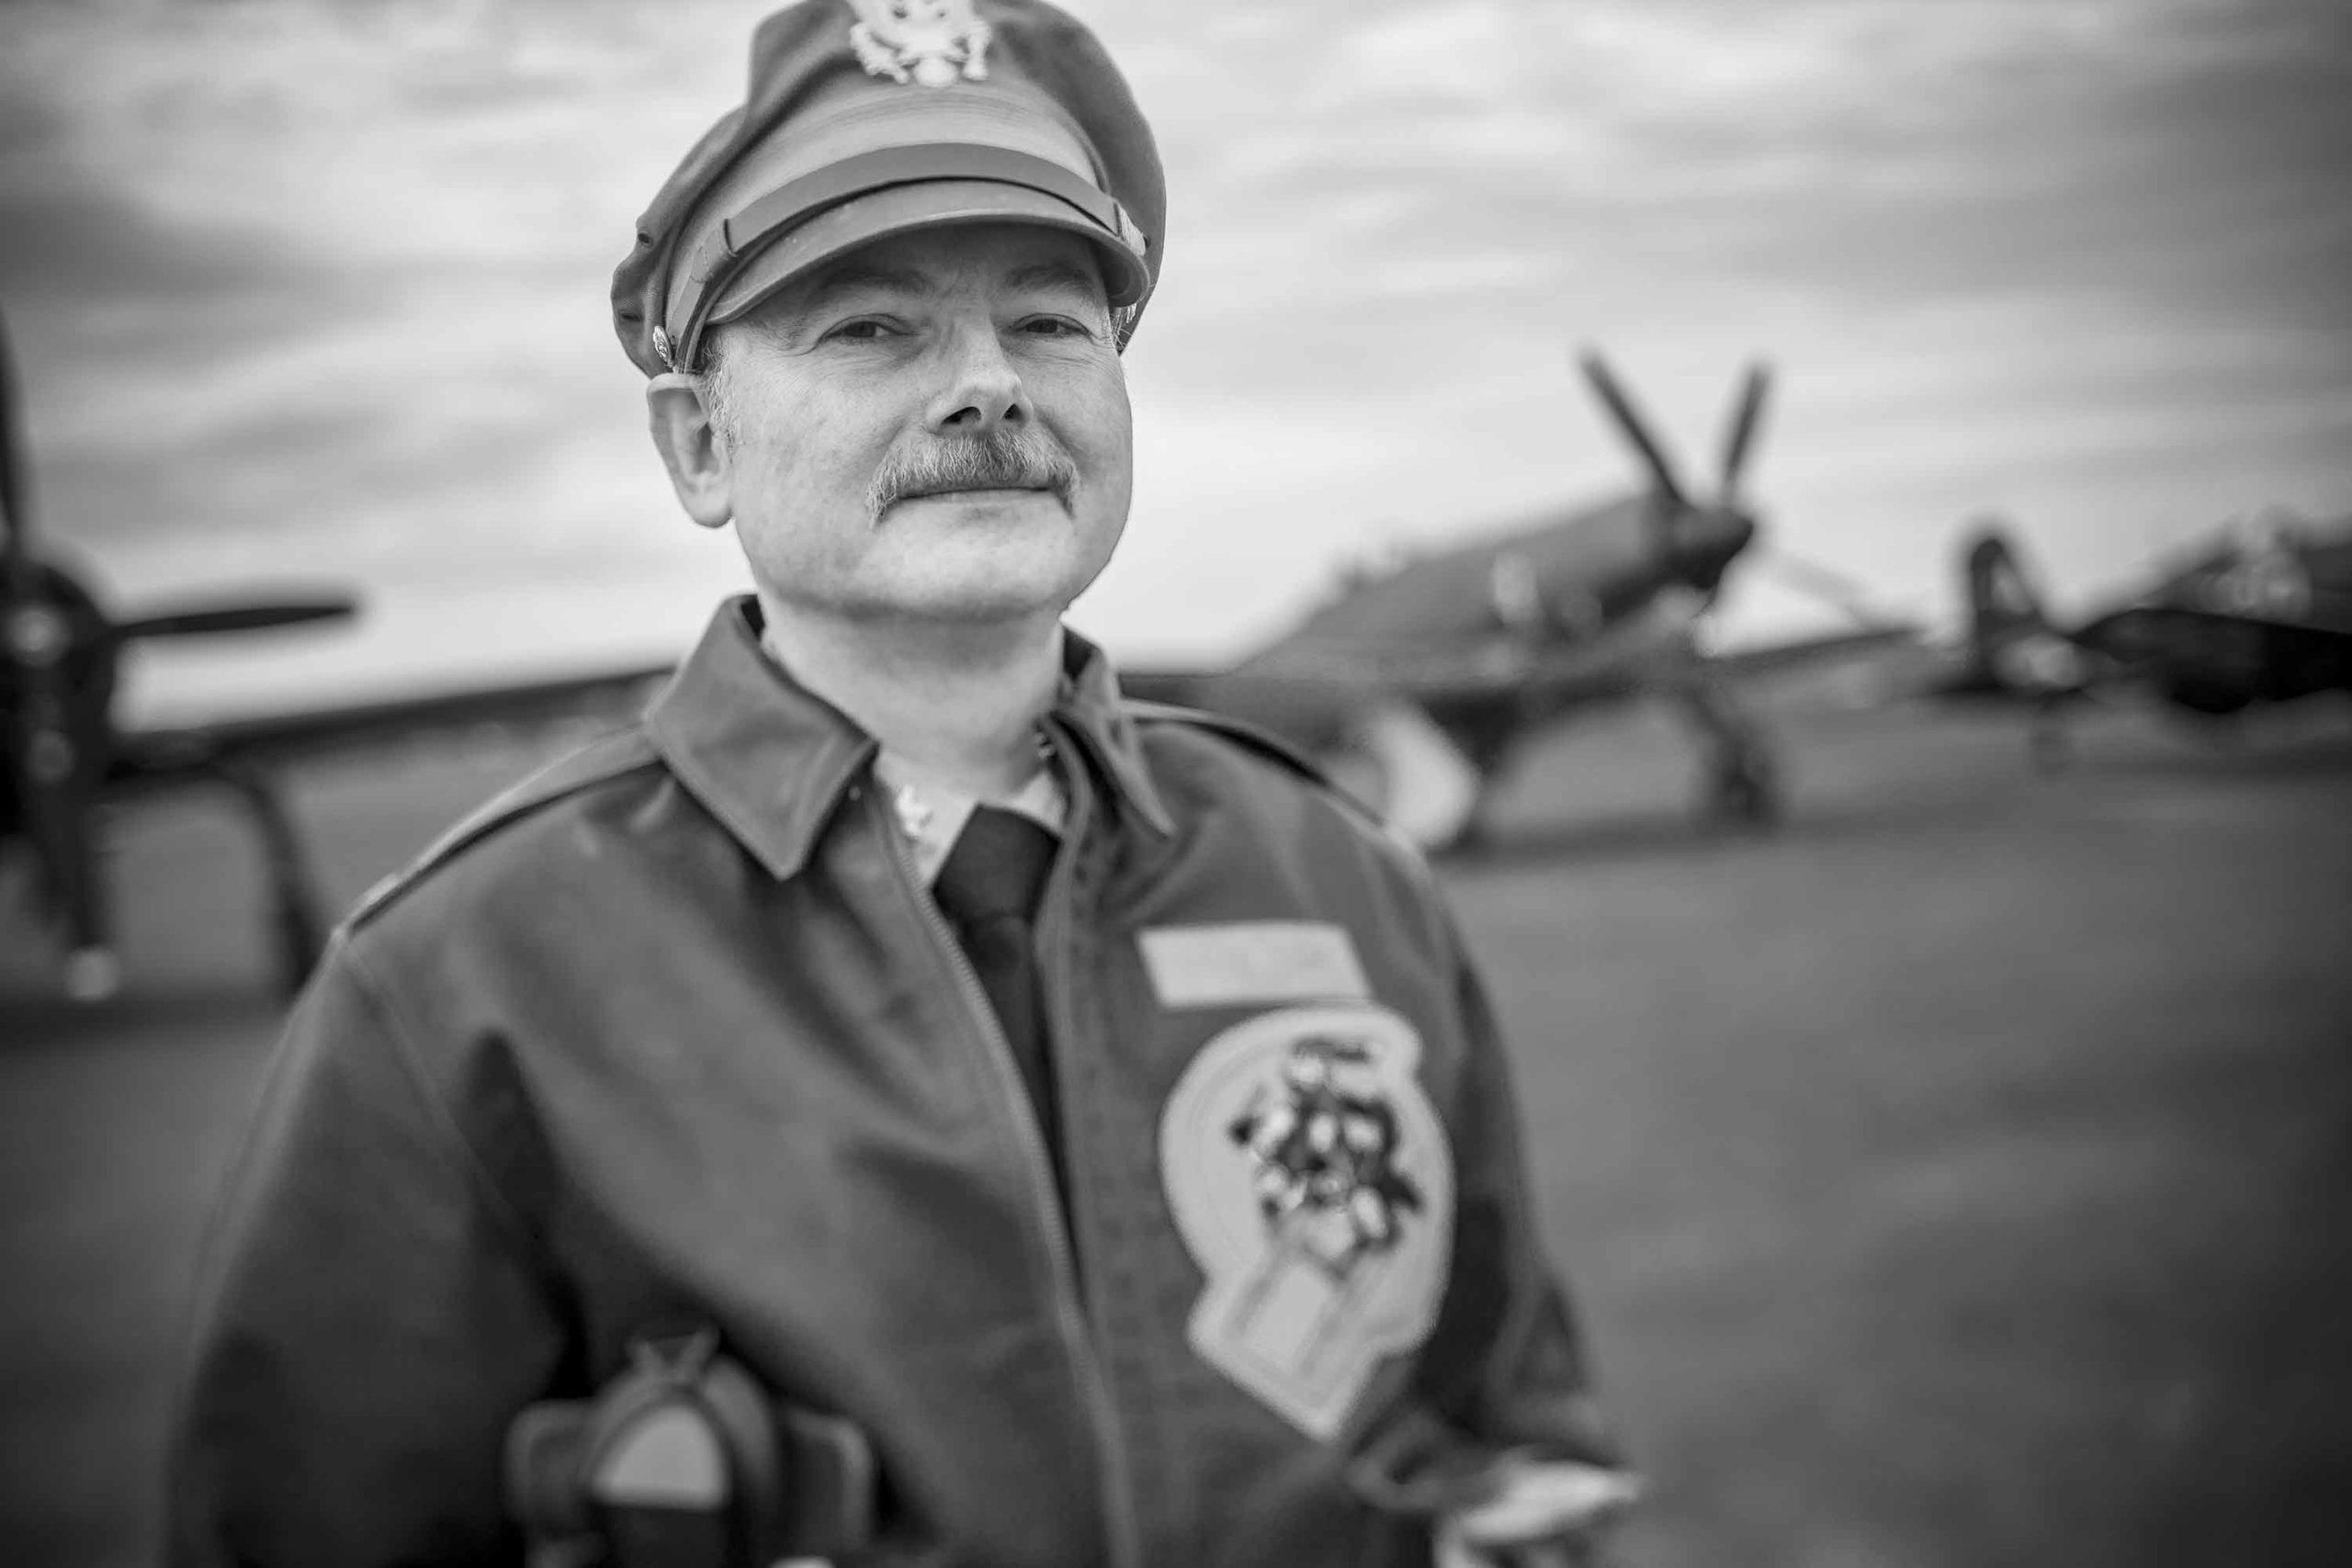 Pilot Portrait Duxford Airshow